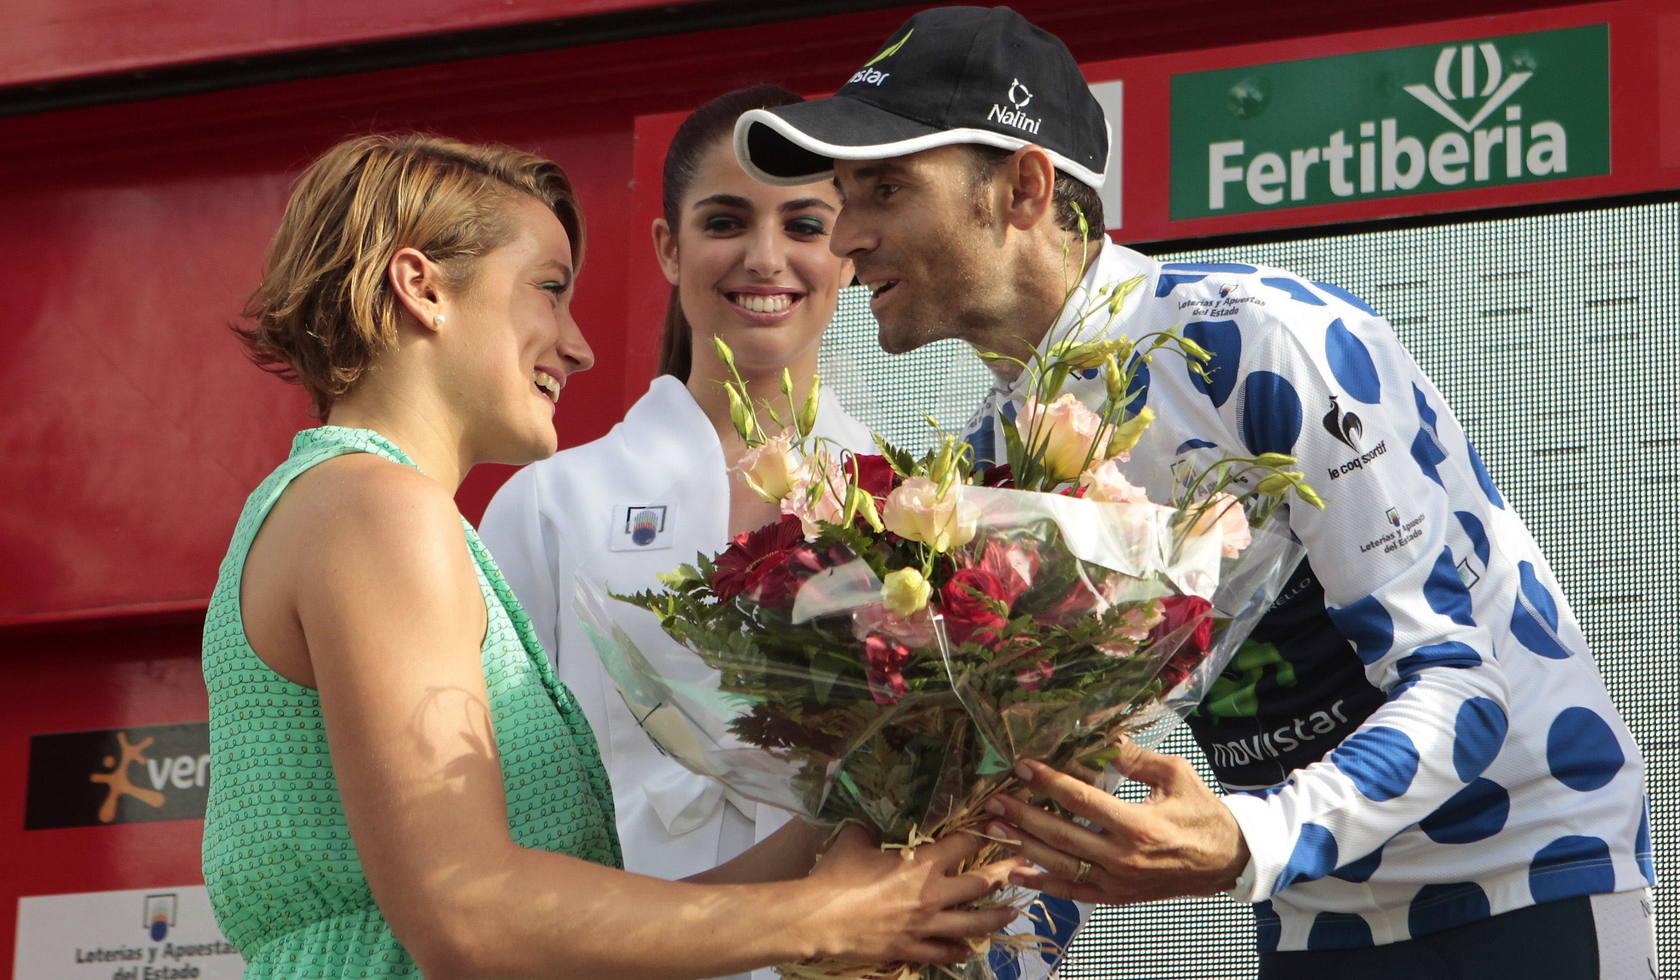 El belga Gilbert ganó la 9ª etapa de la Vuelta , Rodríguez sigue líder